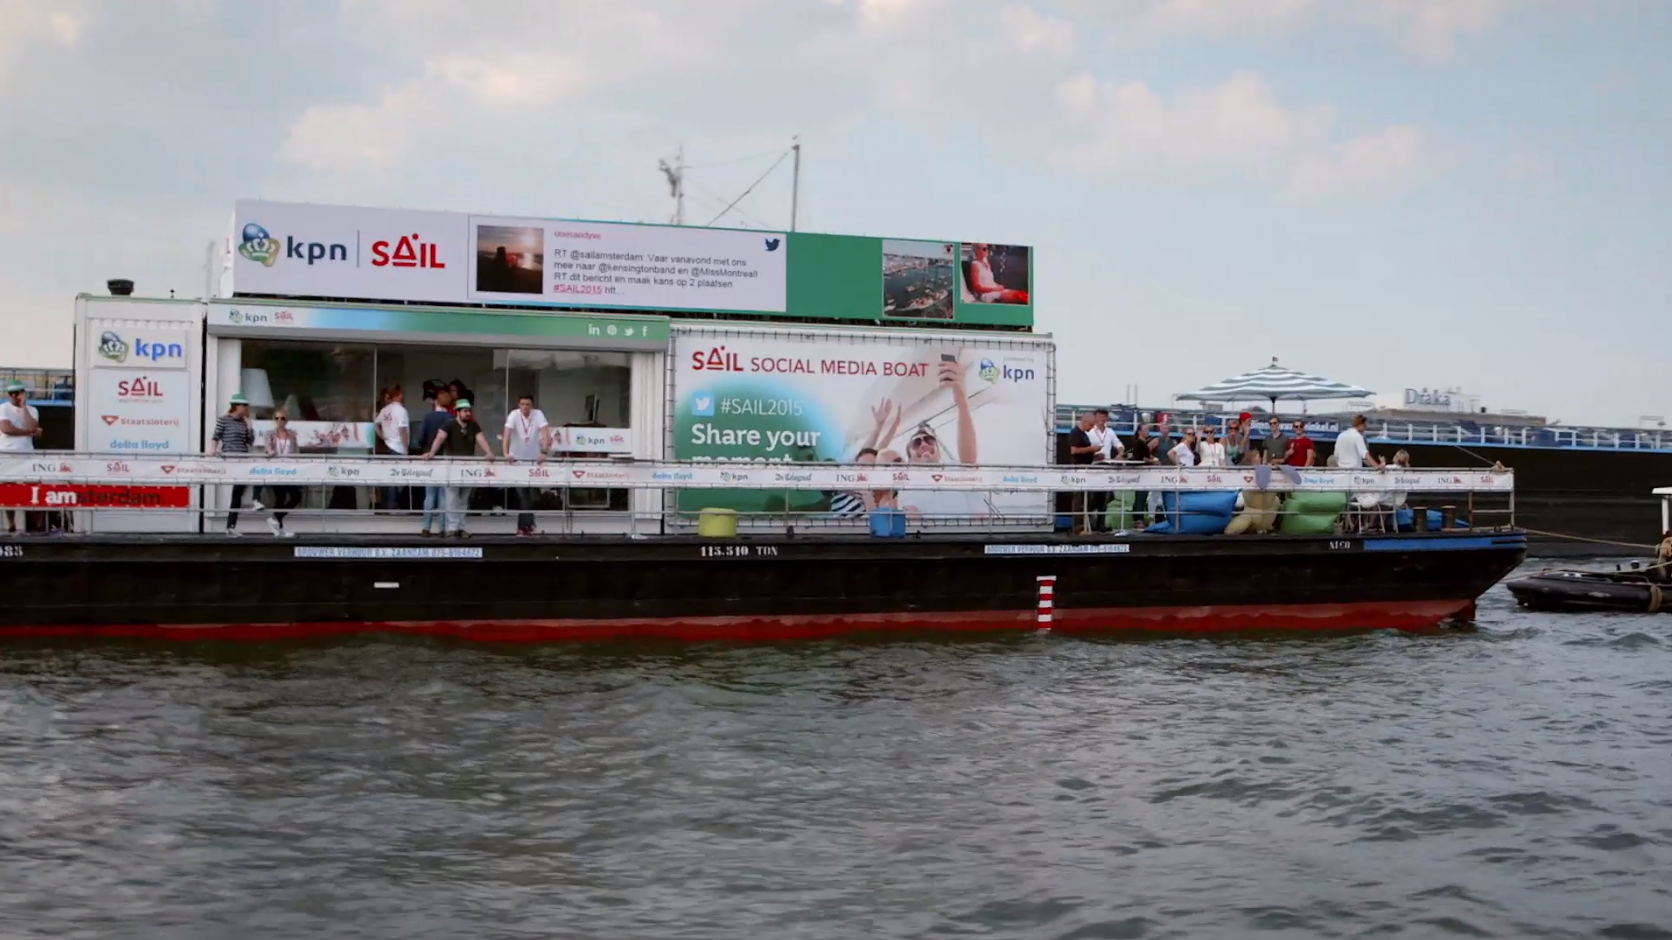 Boot van de hoofdsponsor KPN op het midden van de rivier